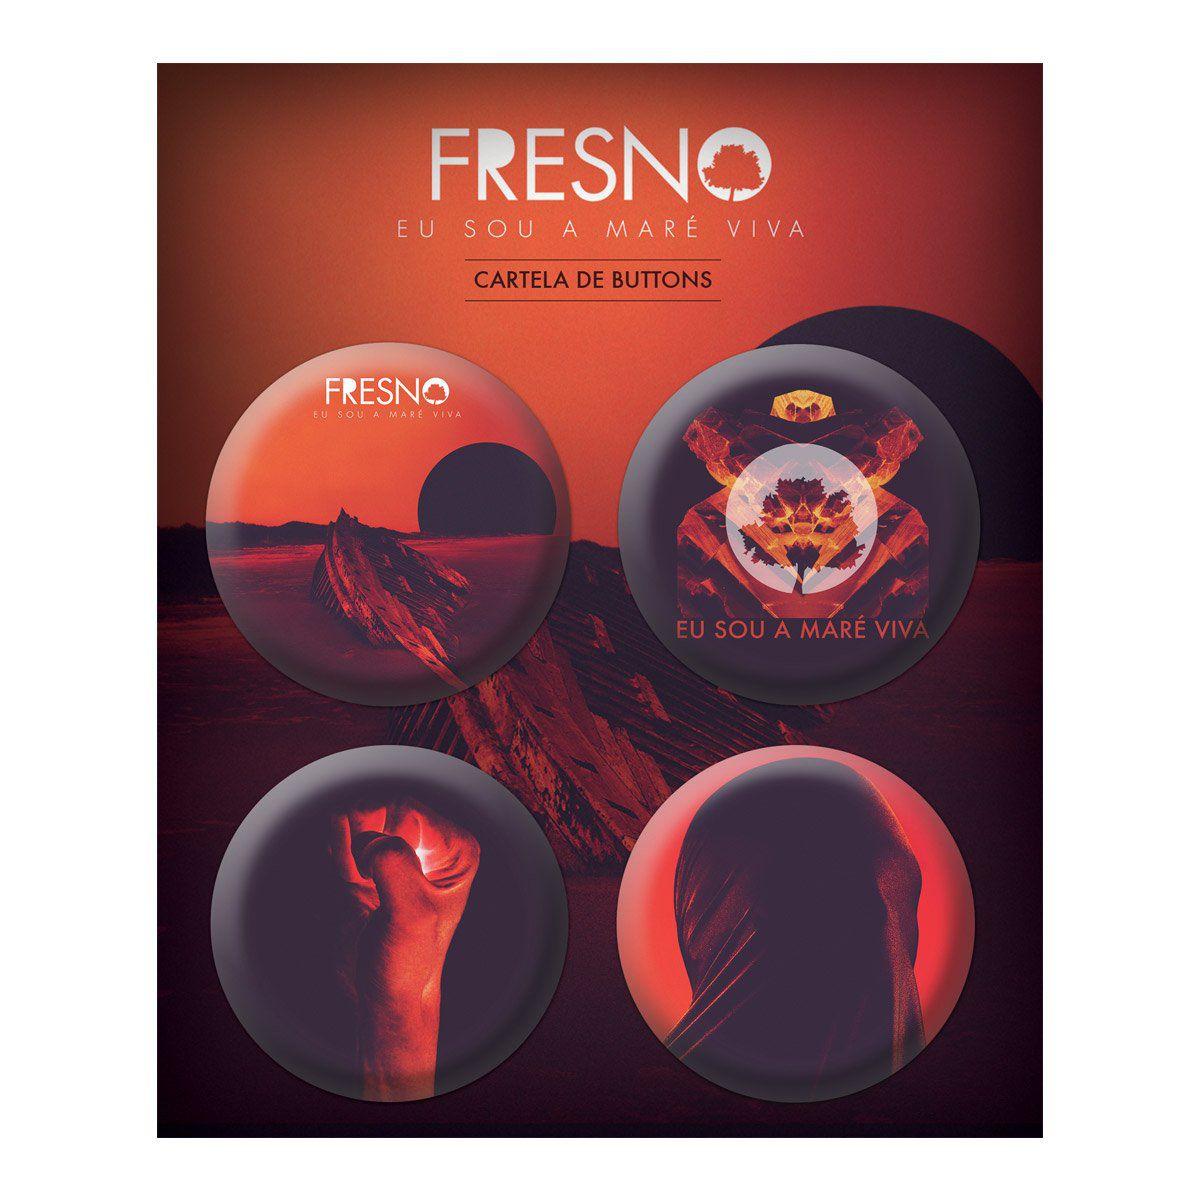 Cartela de Buttons Fresno - Eu Sou a Maré Viva